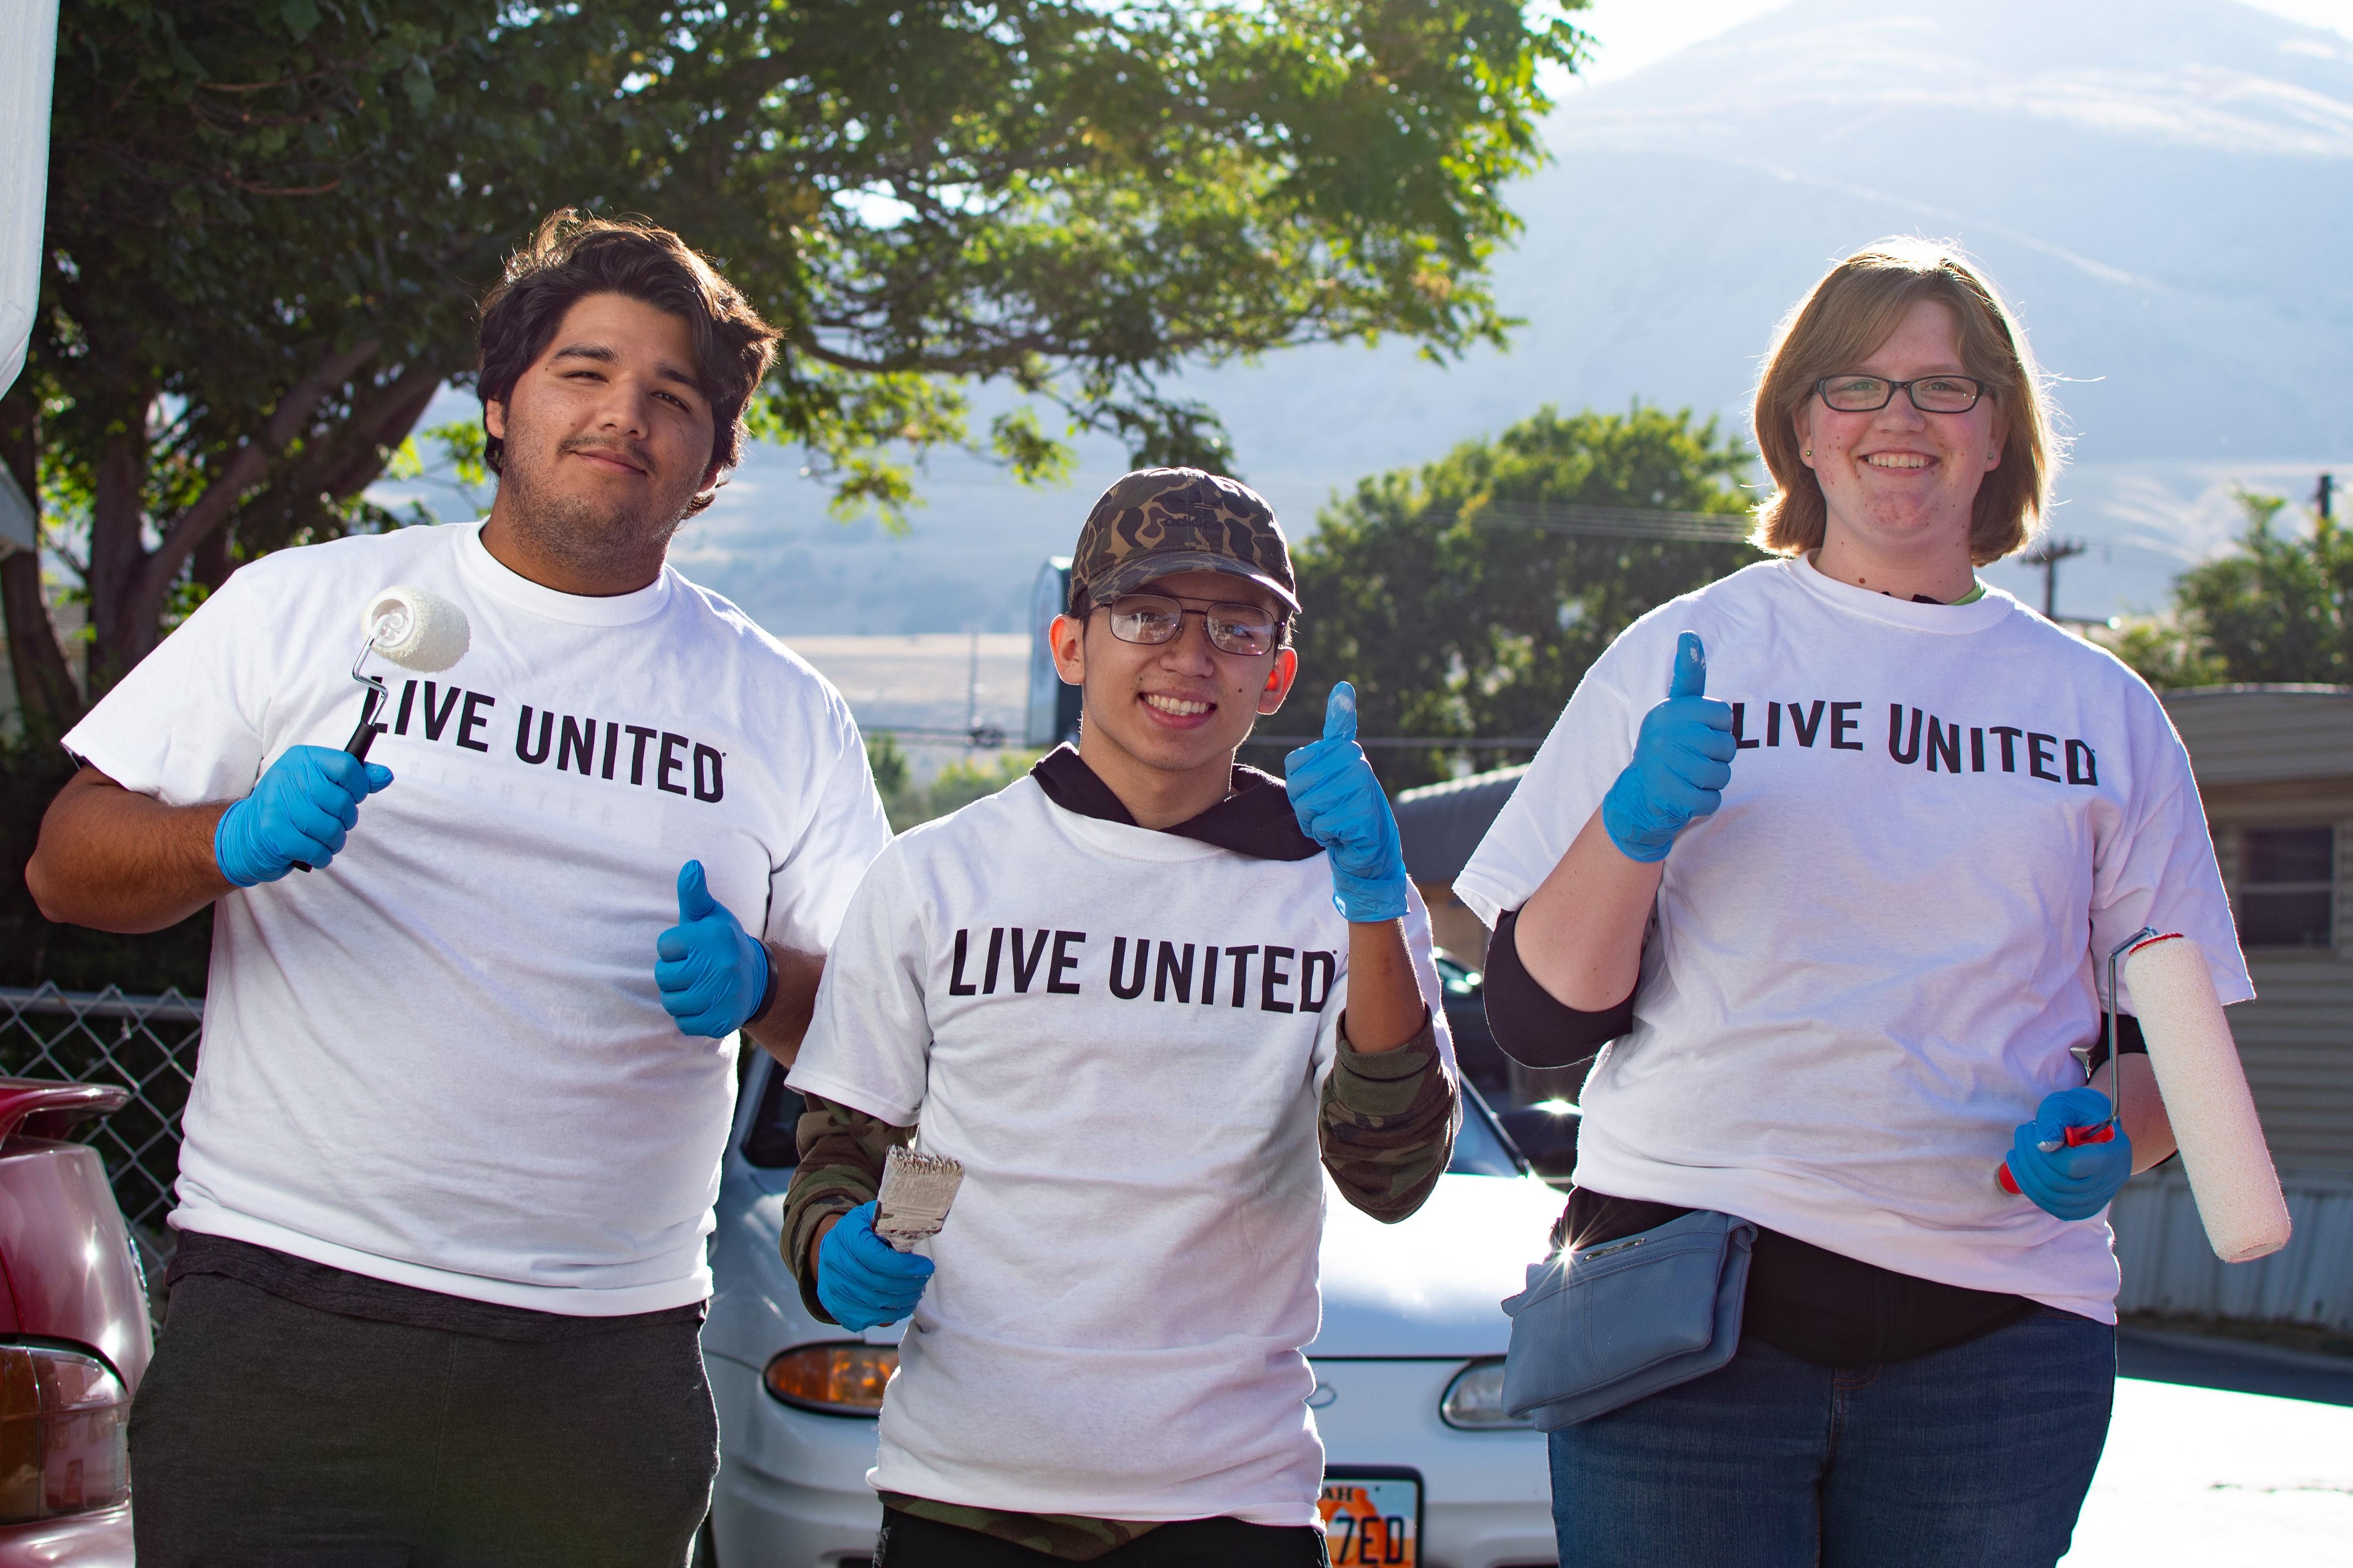 Volunteer in Your Community